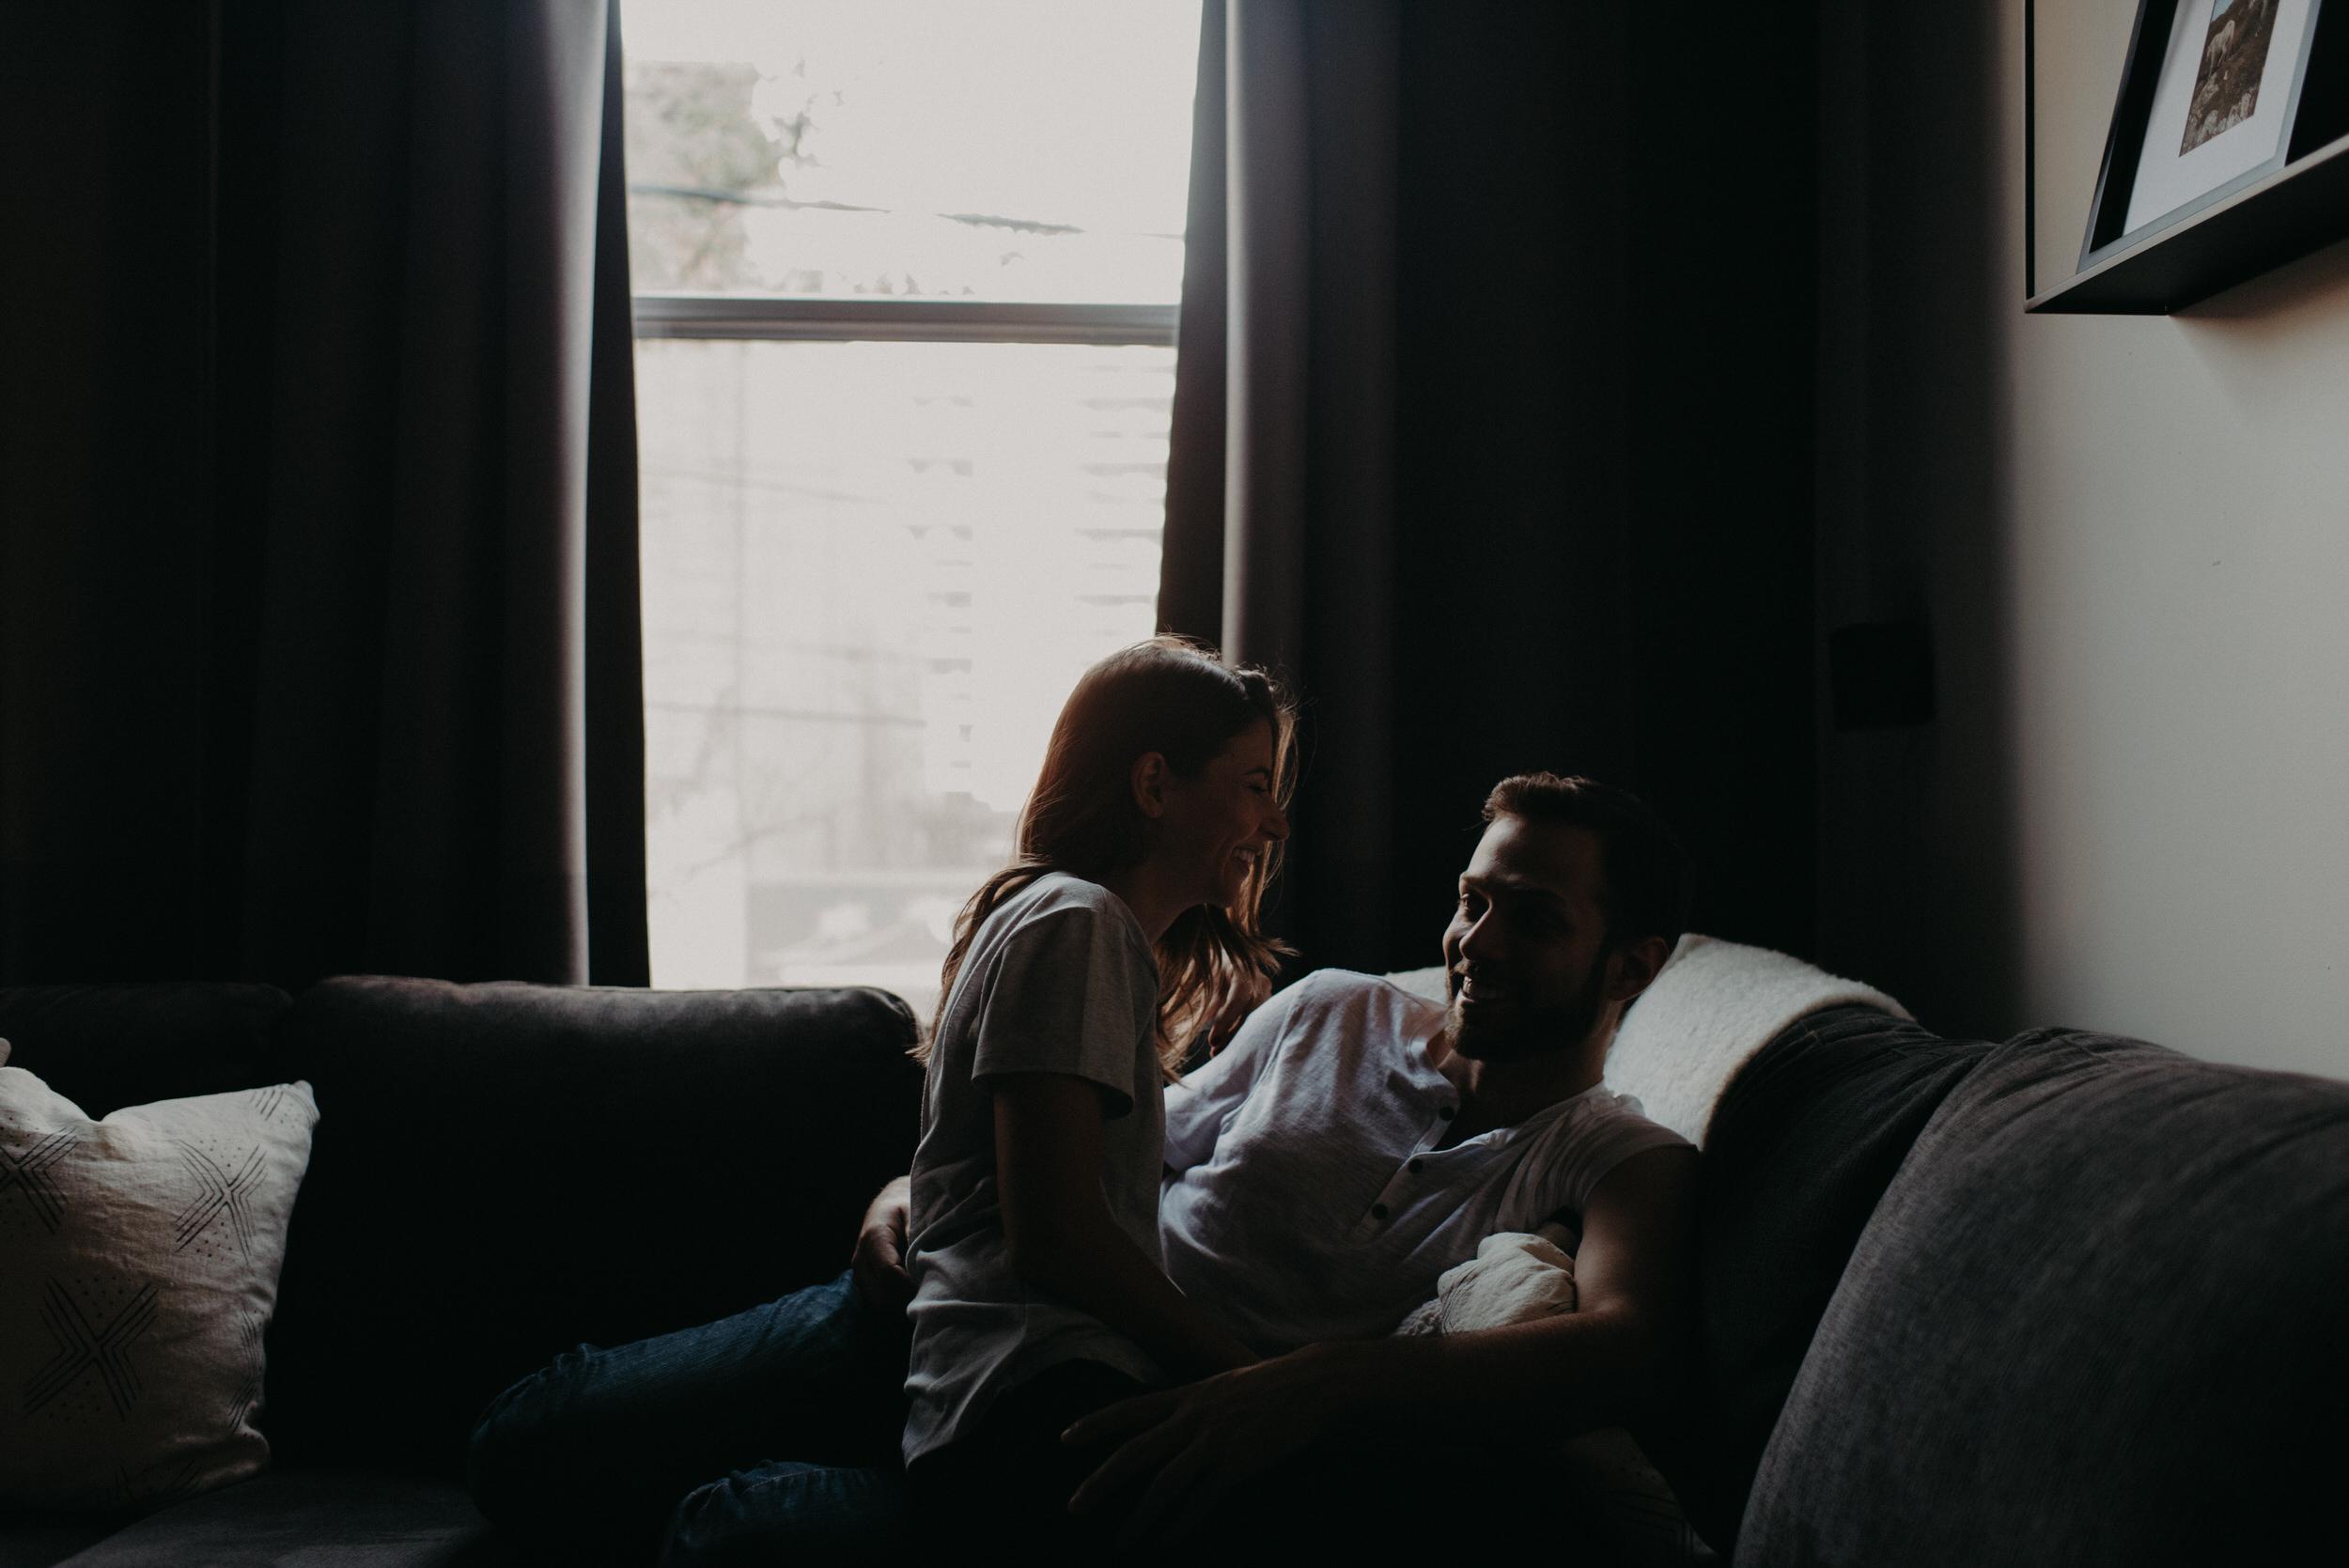 lesley&jon_love-51.JPG